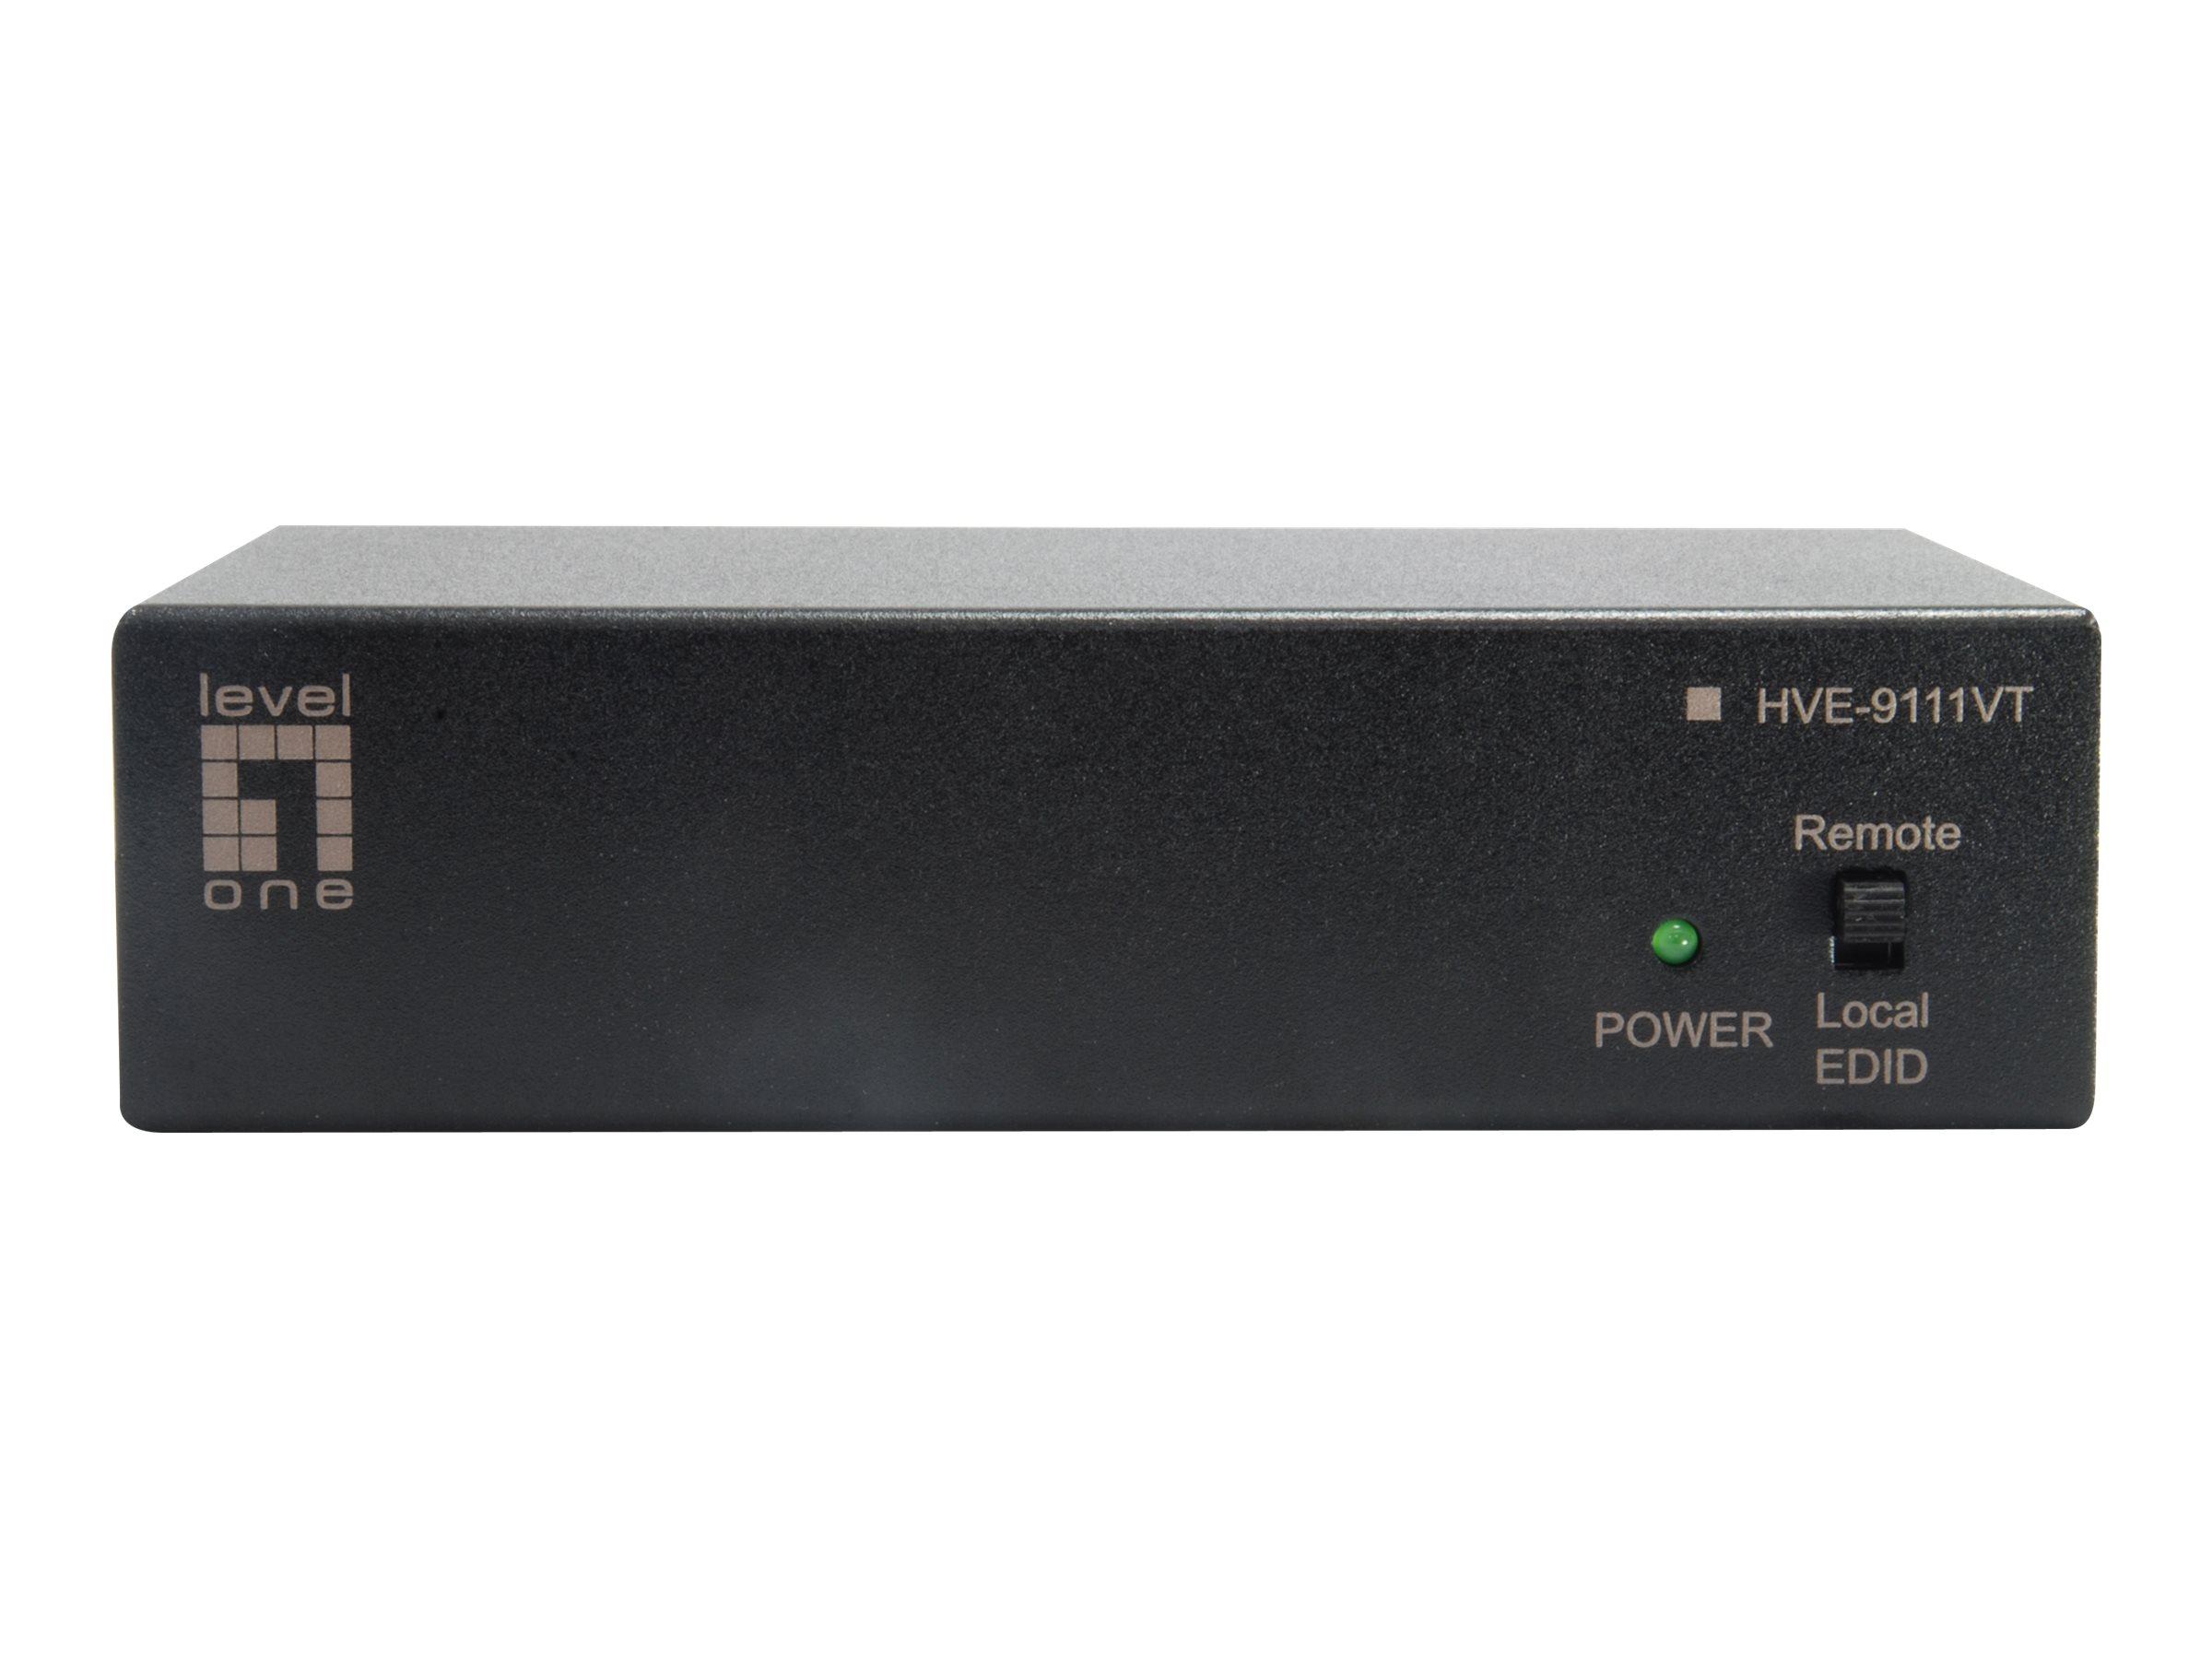 LevelOne HVE-9111VT - Erweiterung f?r Video/Audio